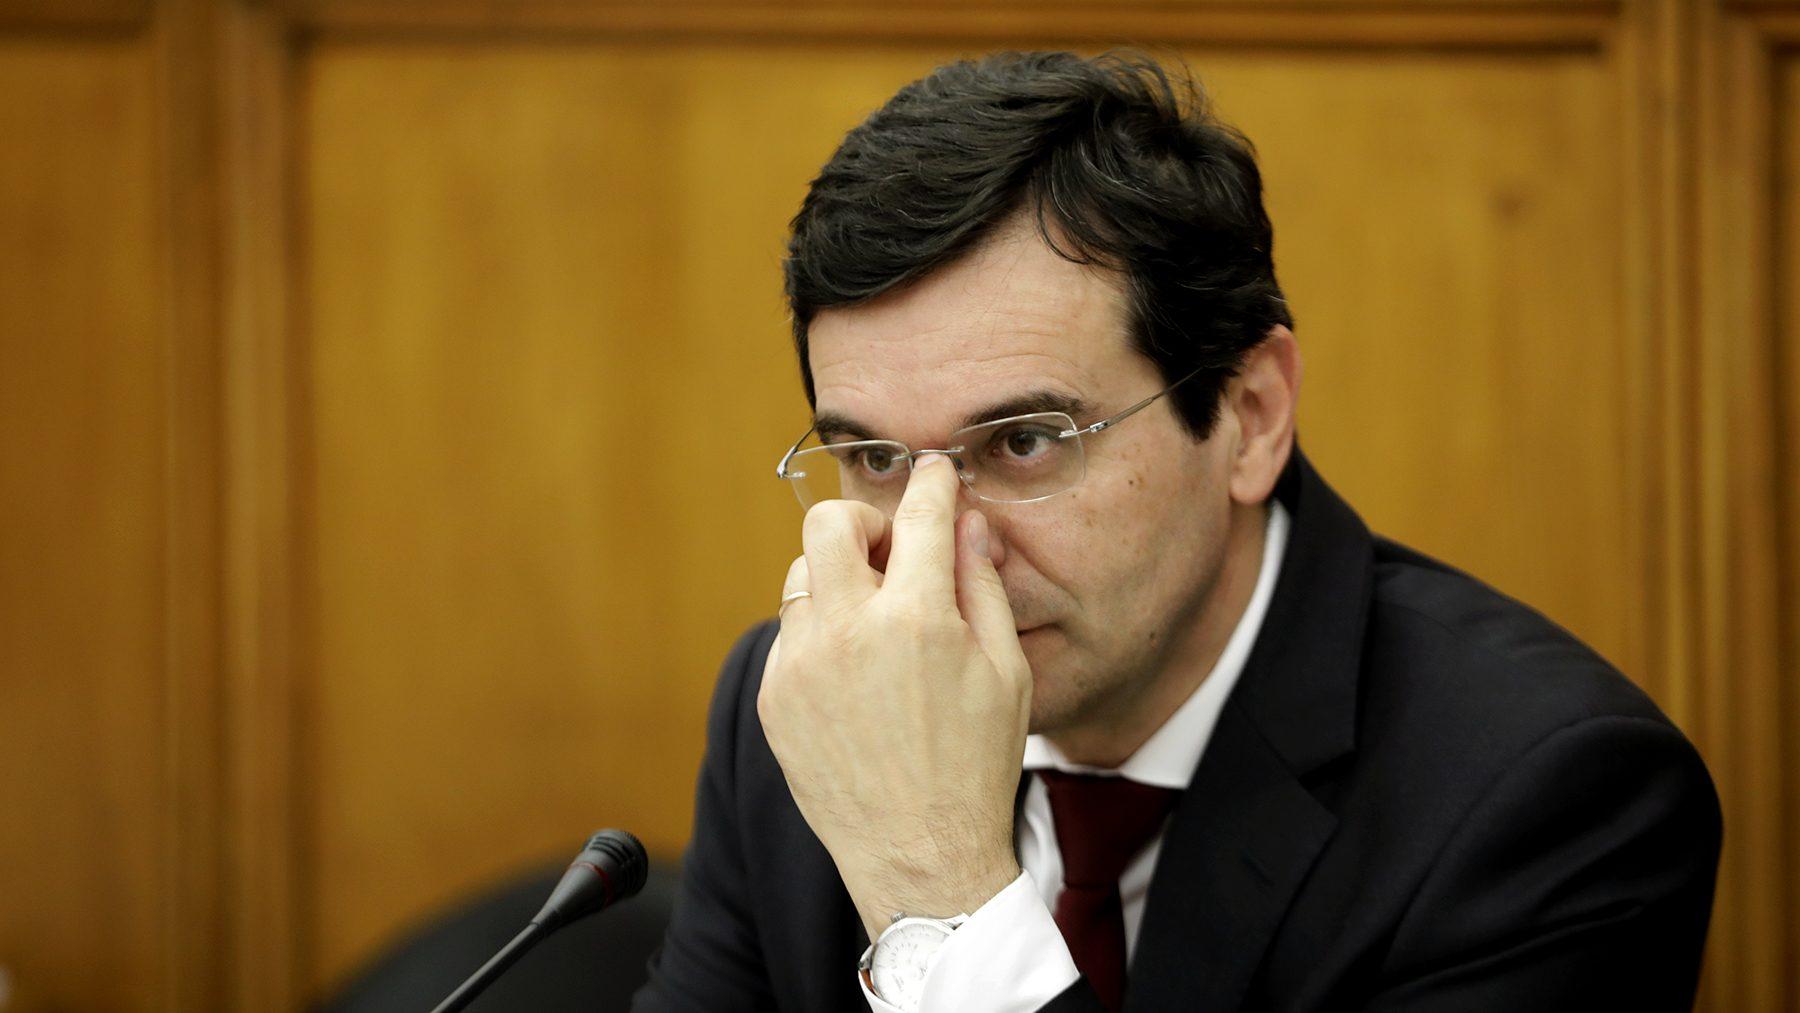 Ministro promete que adaptação dos hospitais às 35 horas estará concluída até ao final de julho